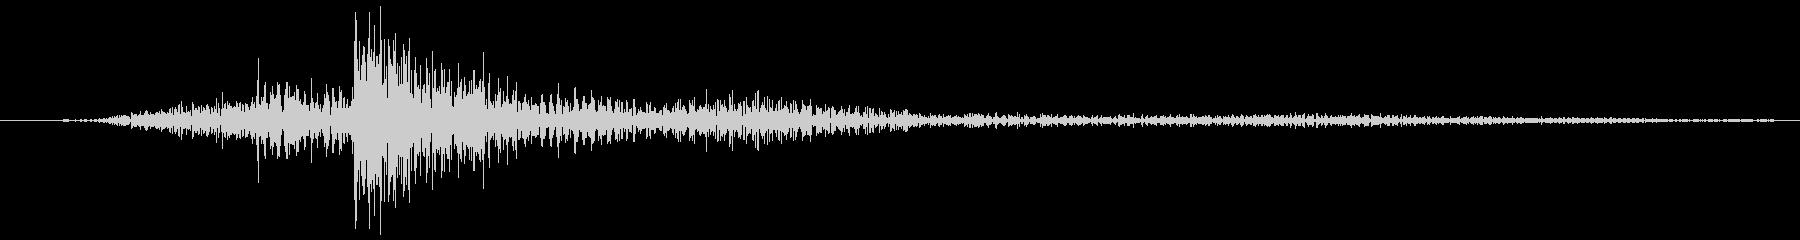 金属音の1回転する音の未再生の波形